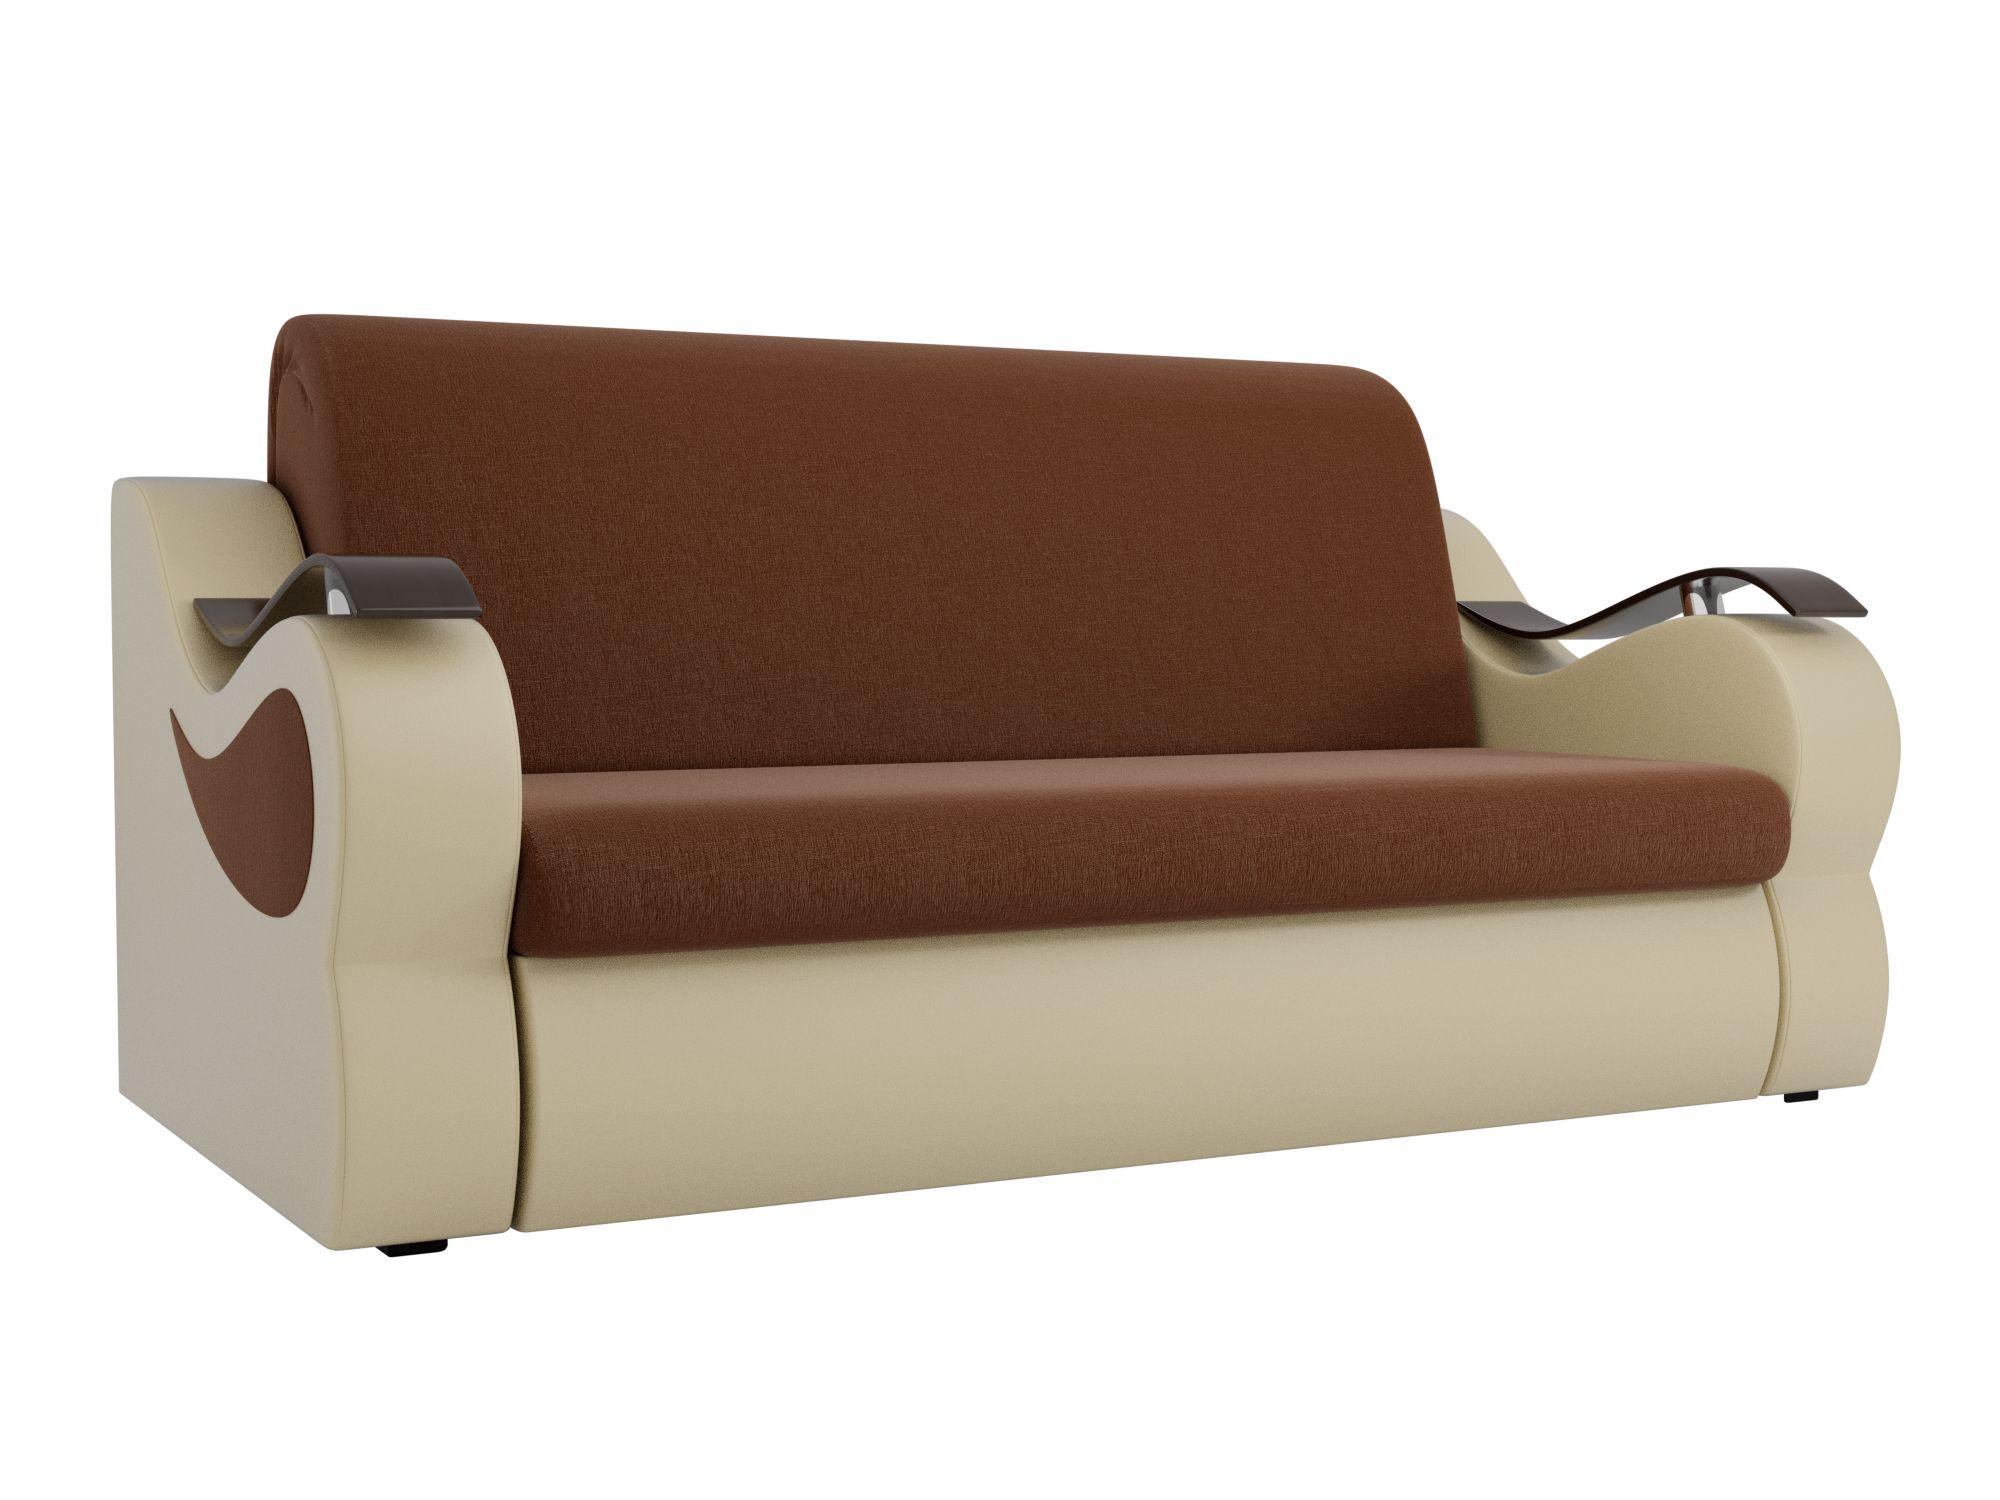 Диван прямой Мебелико Меркурий рогожка коричневый/ эко кожа бежевый